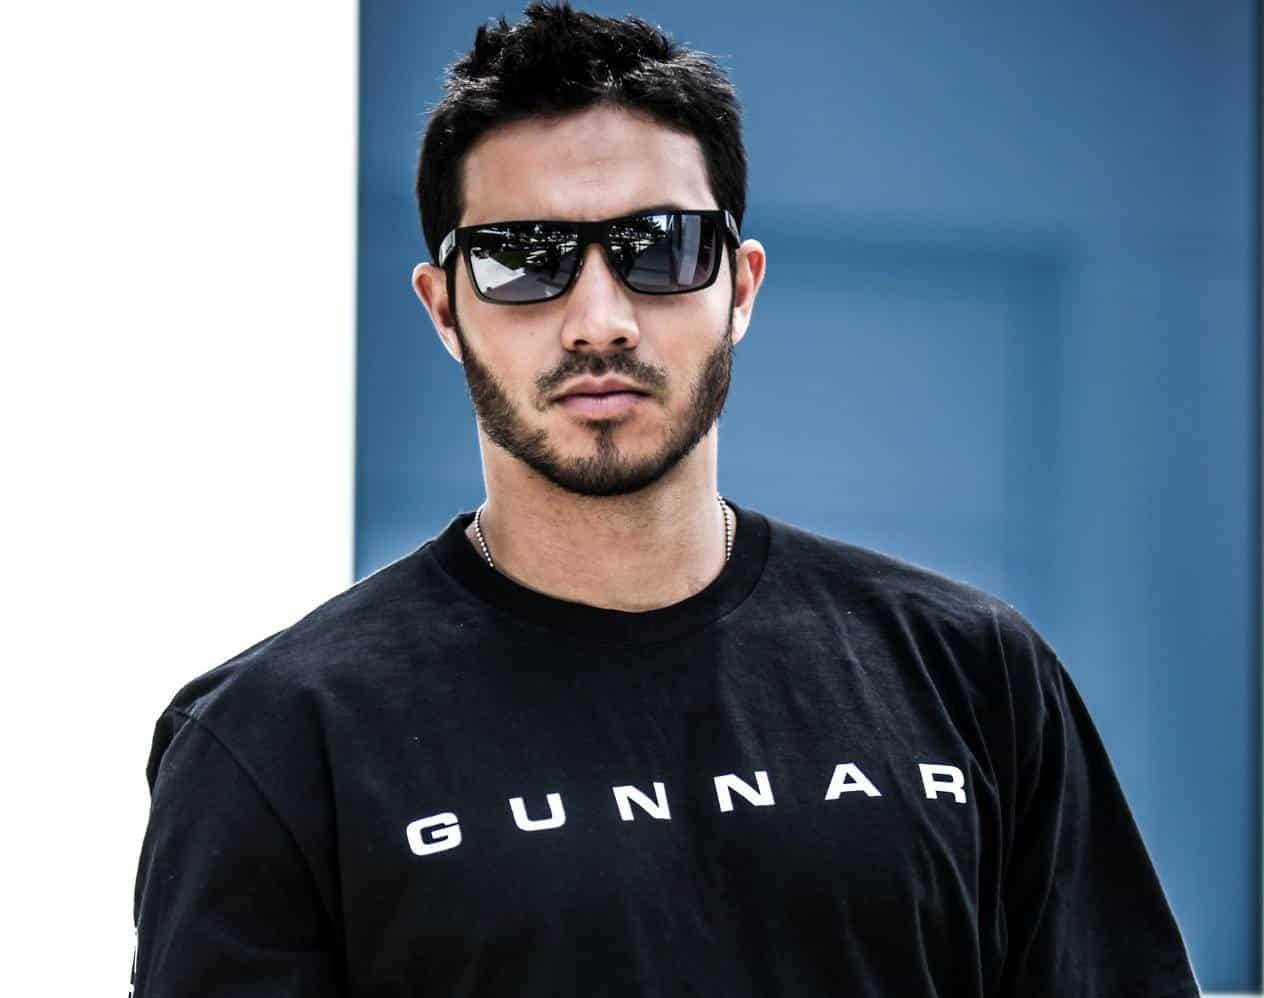 a65e68bab9f8fa Trouvez la paire de lunettes de soleil qui correspond parfaitement à votre  visage. Et vous serez assurément plus séduisant et mystérieux – en un mot  sexy ».